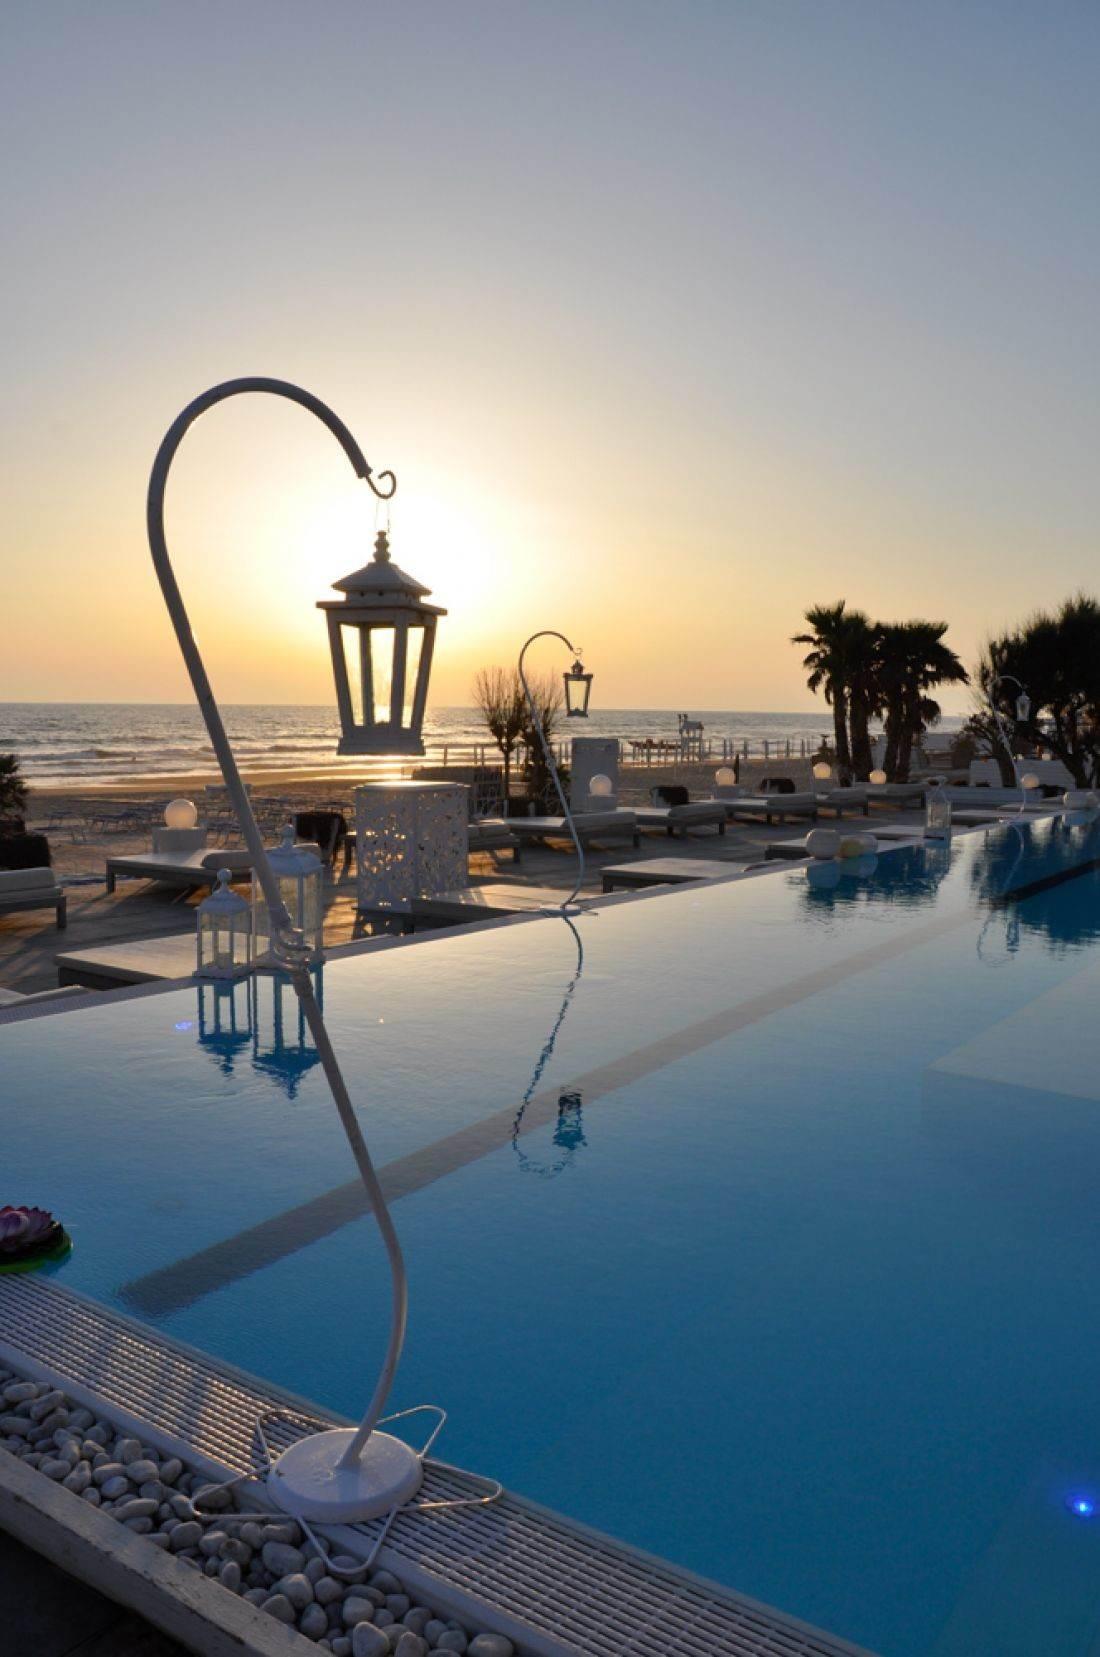 Matrimonio Religioso In Spiaggia : Matrimonio in spiaggia a napoli